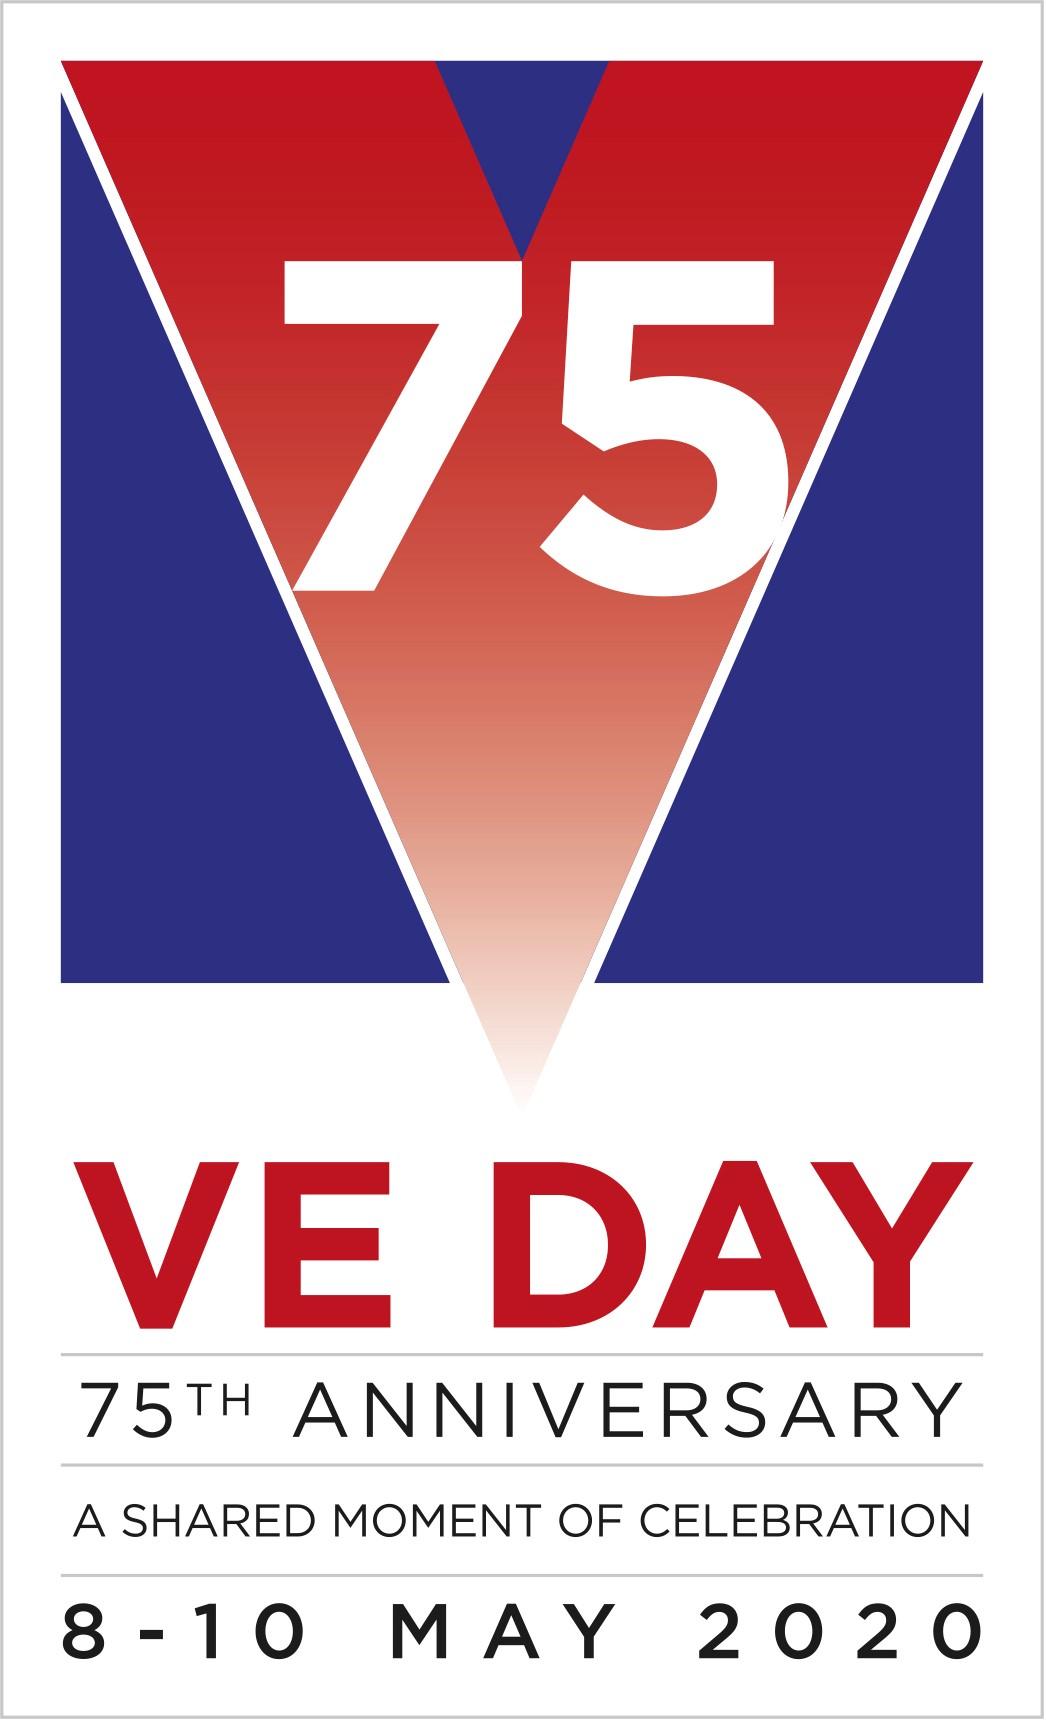 veday-75-logo